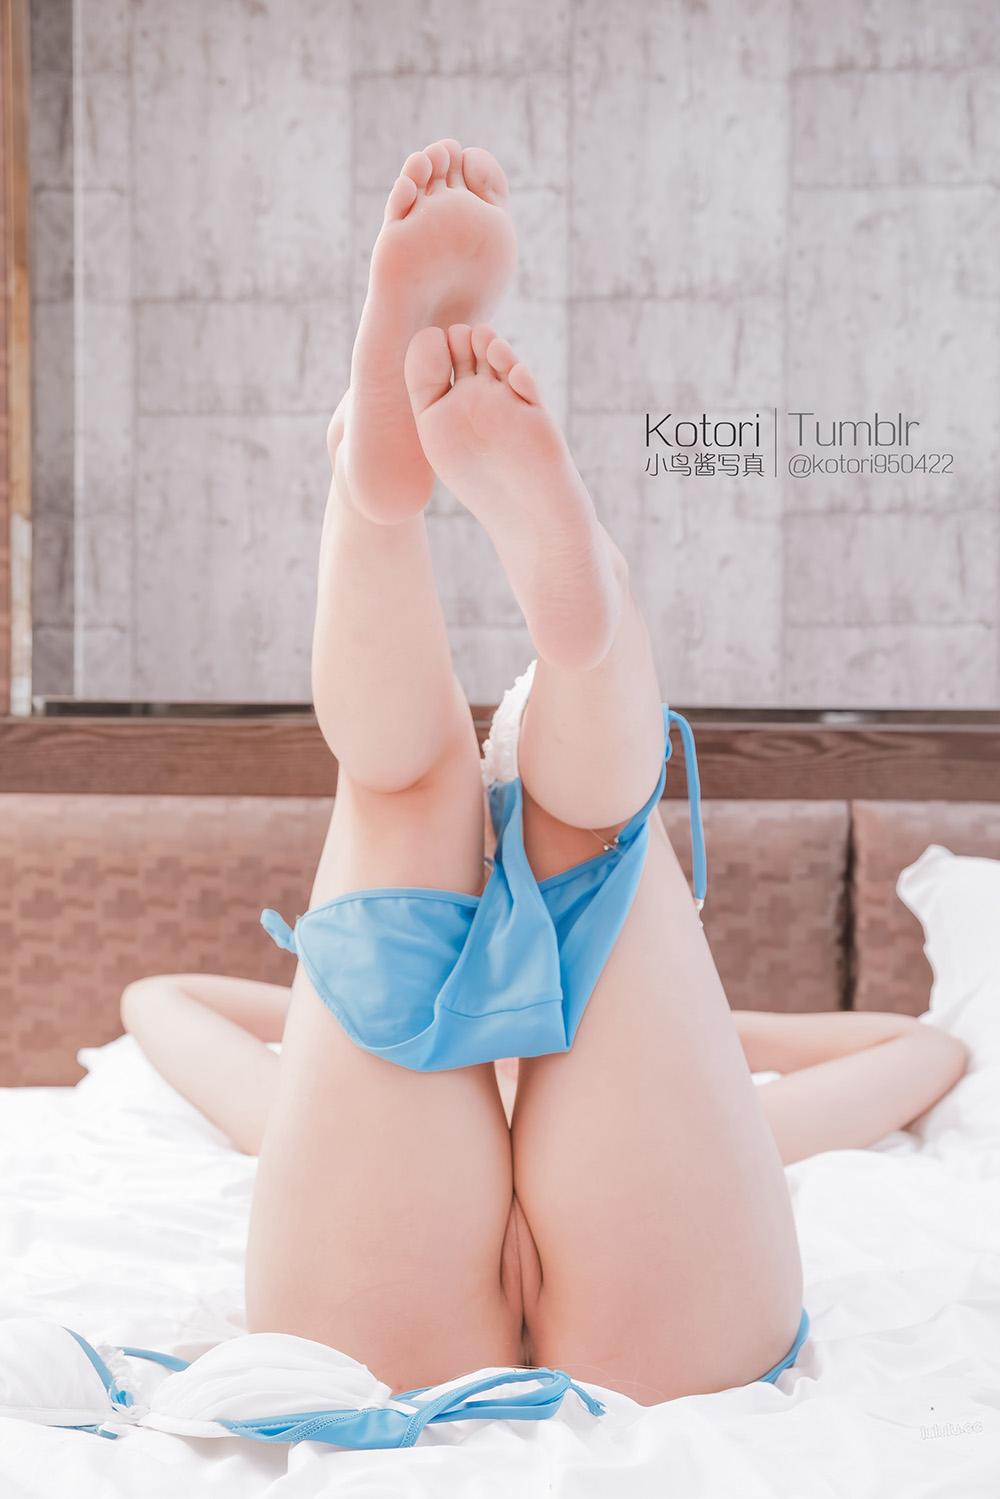 5n0IMu - Cosplay girl Tumblr PR社 福利姬 小鸟酱系列—泳装少女玉藻前